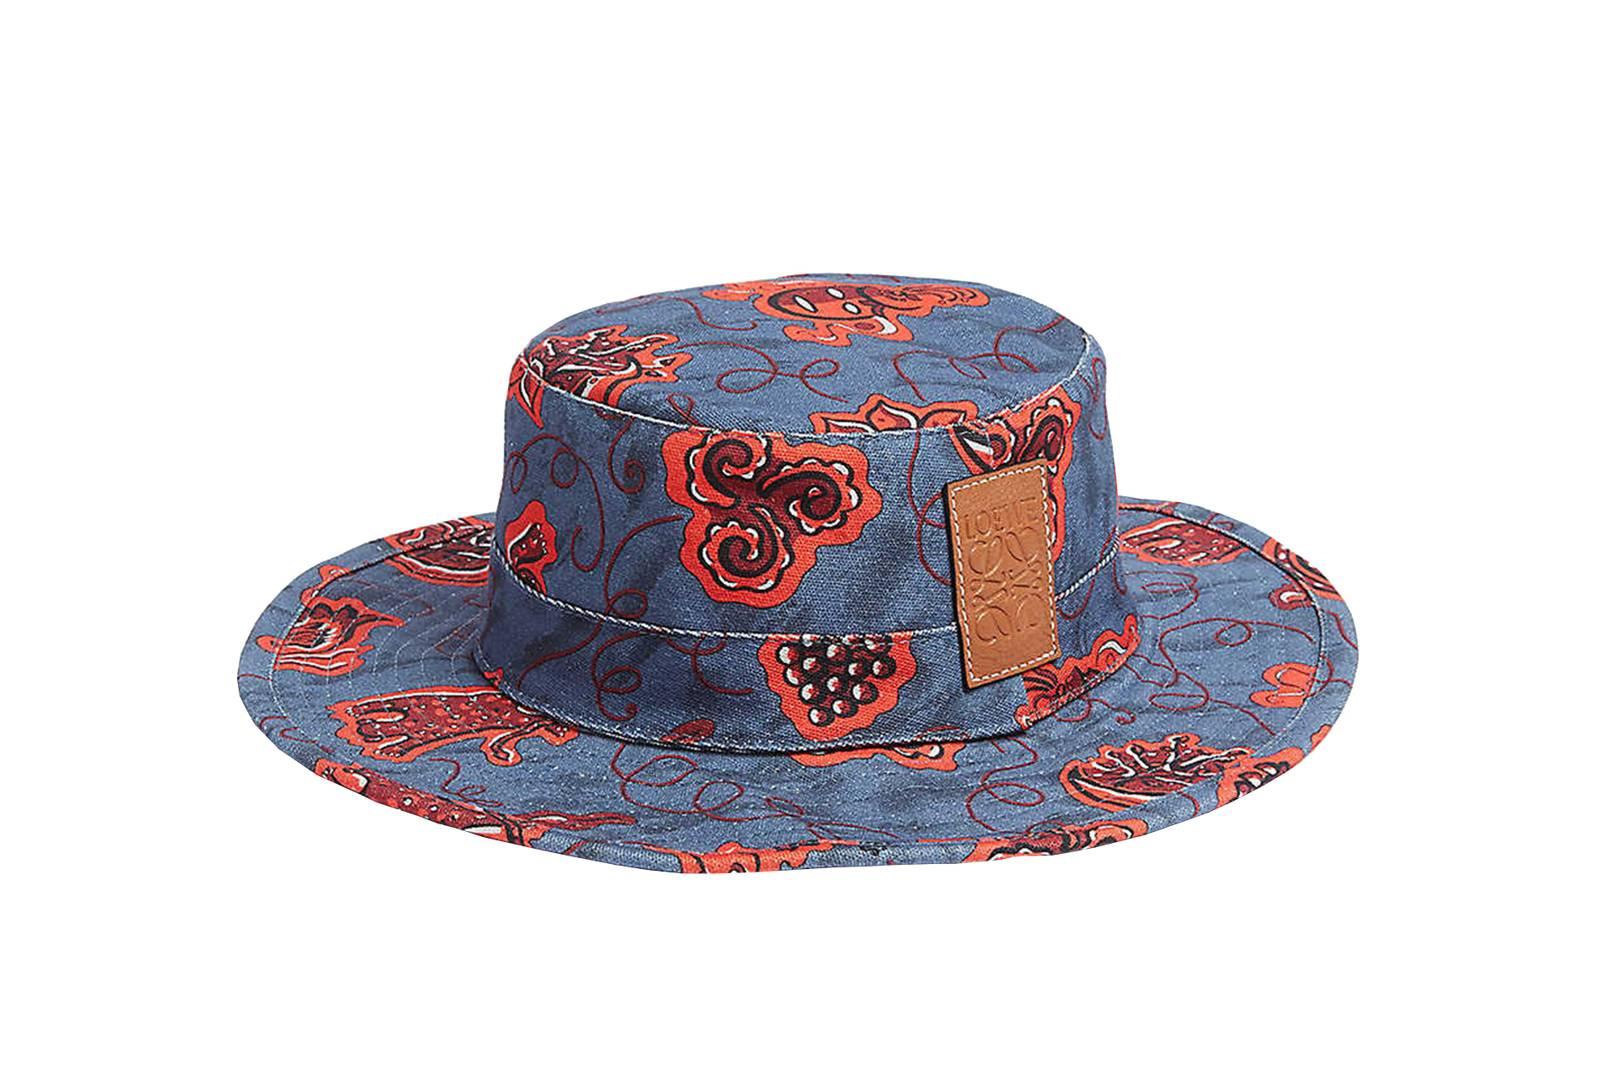 47b1d57da 20 Best Beach Hats For Summer 2019 | British Vogue